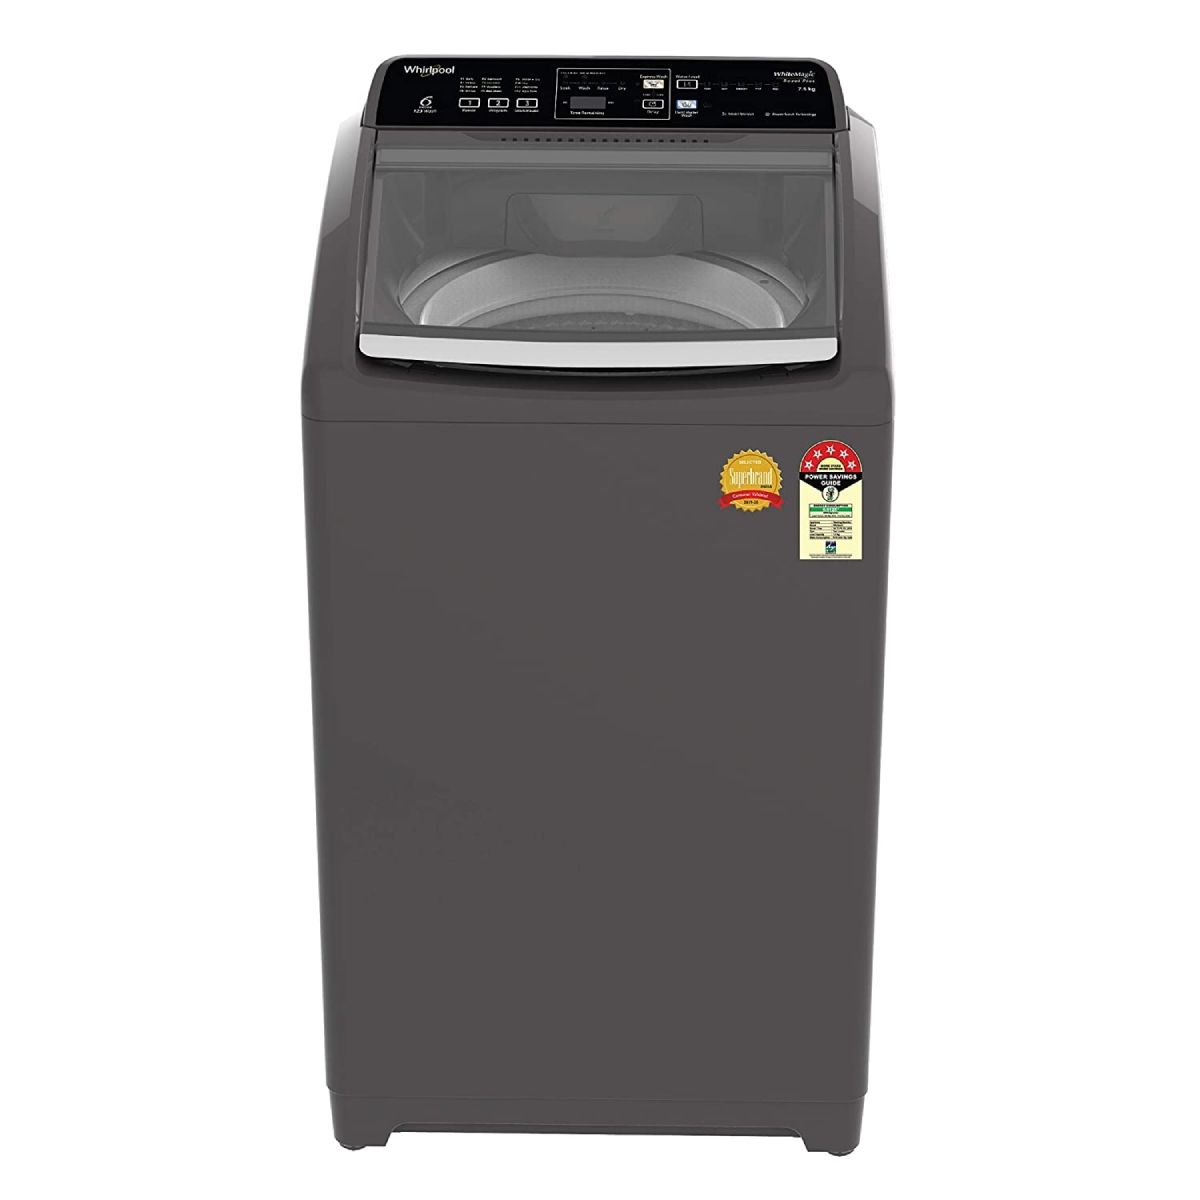 Whirlpool 7.5 Kg 5 Star Fully-Automatic Top Loading Washing Machine (WM ROYAL PLUS 7.5 GREY 5YMW)